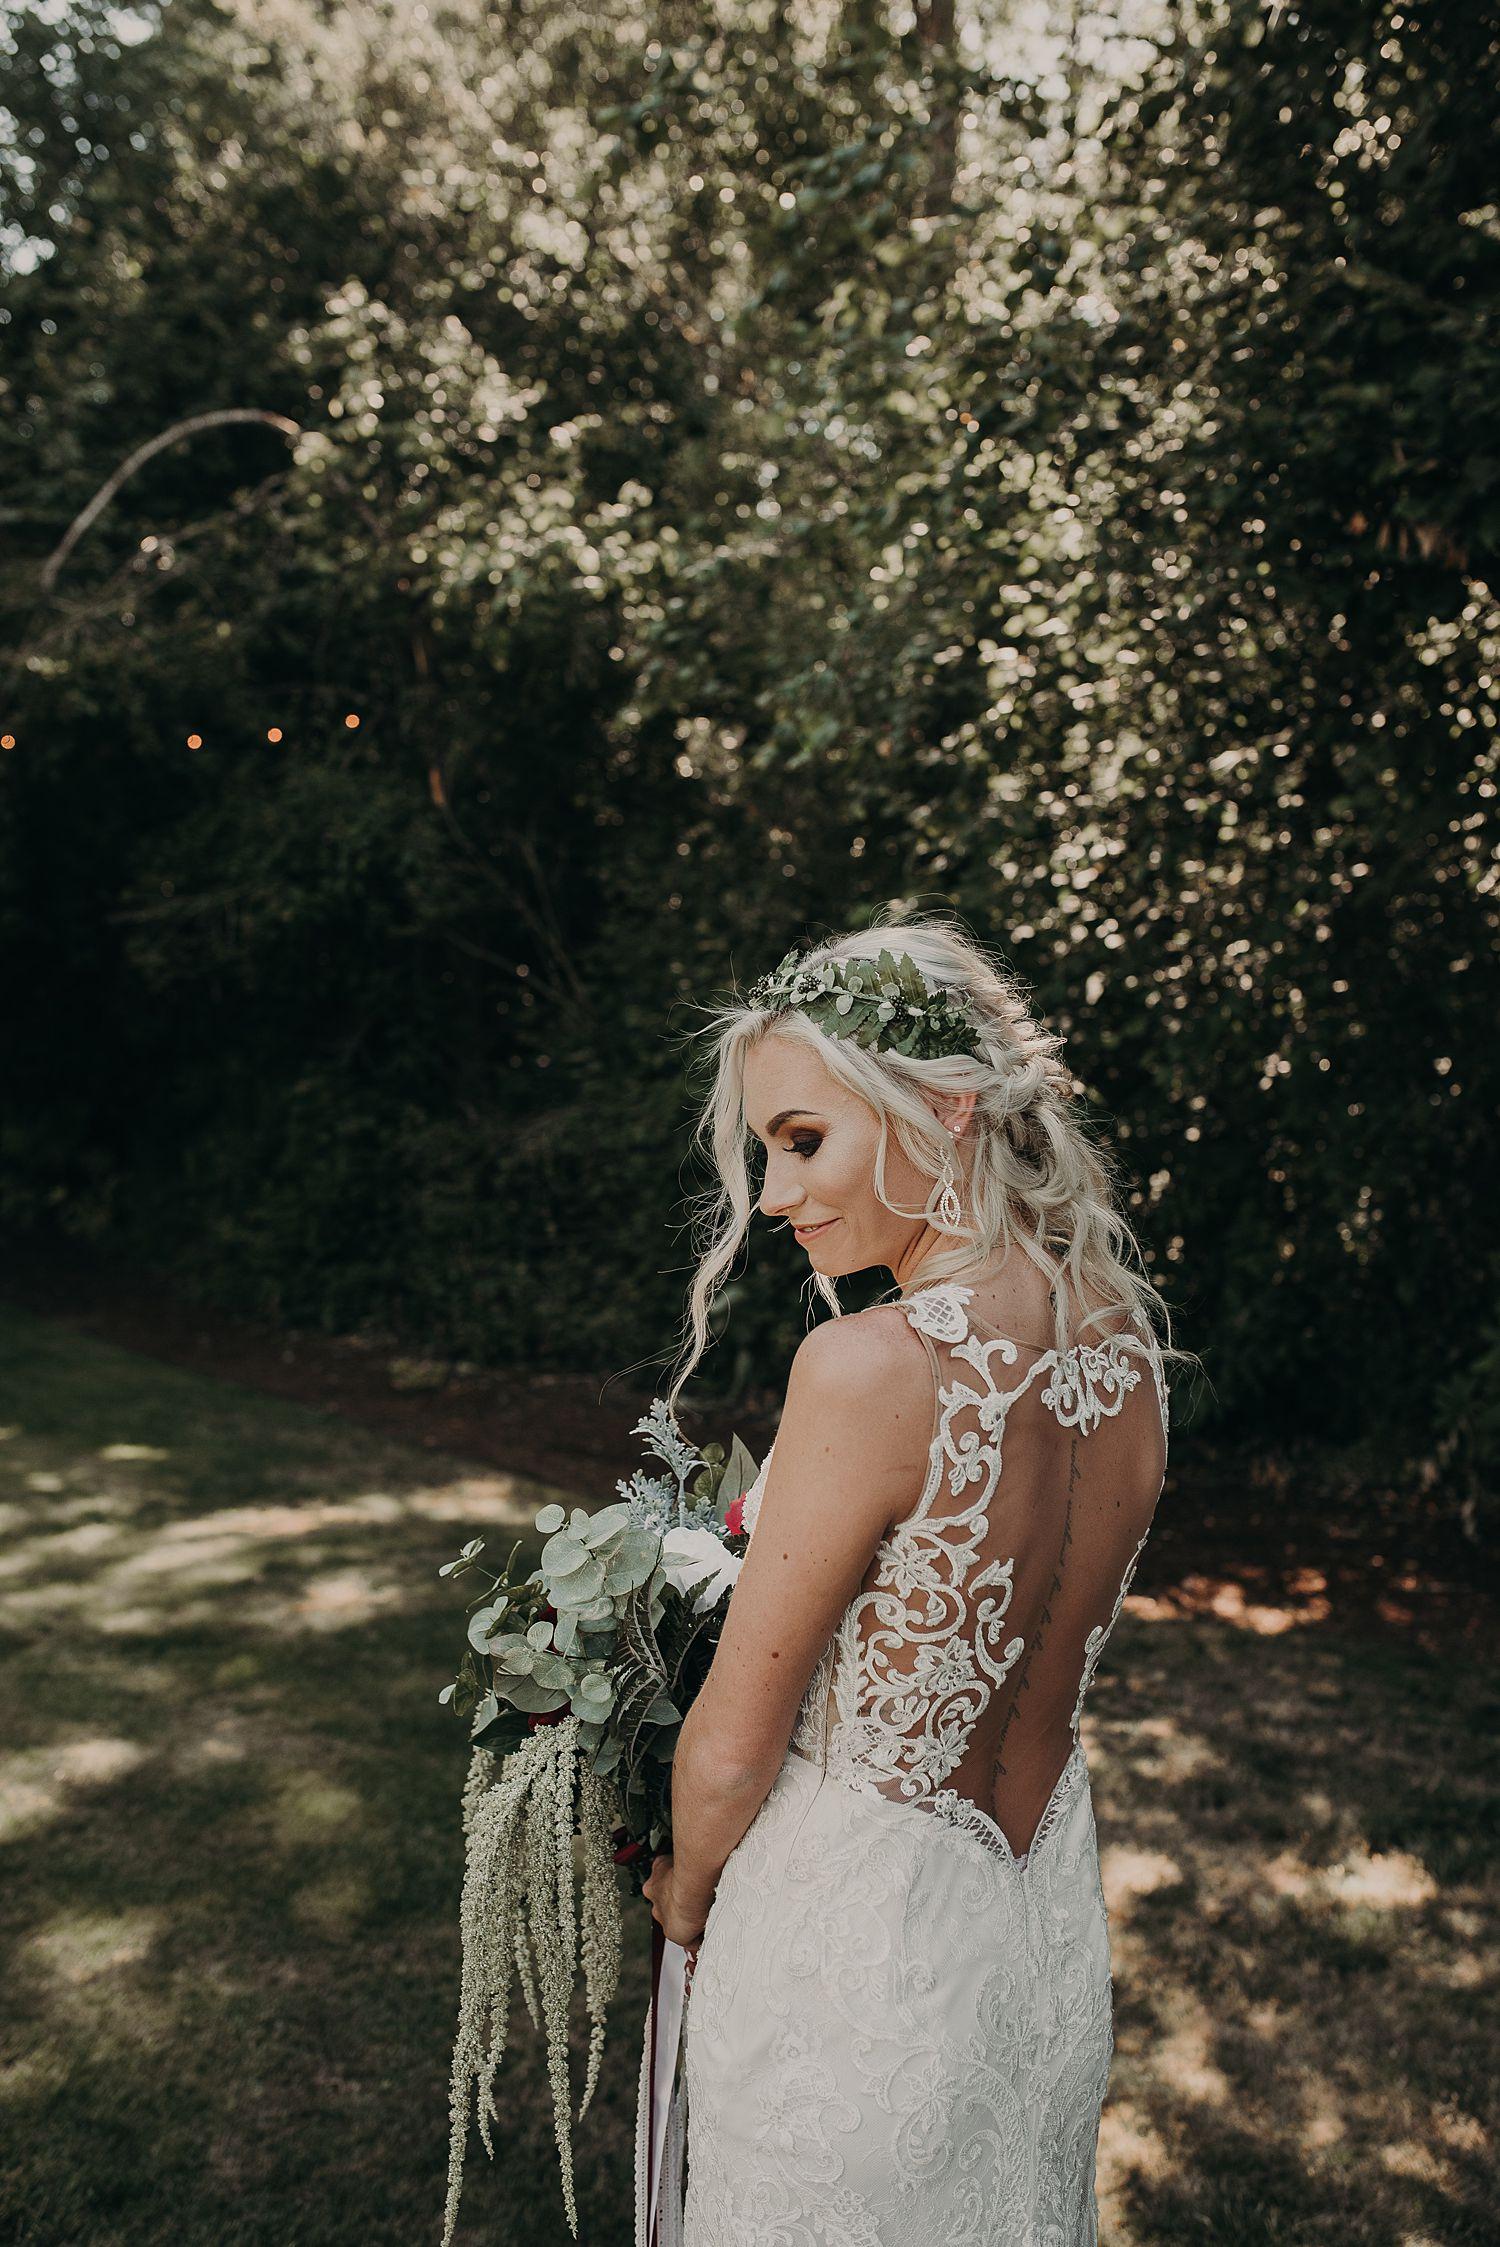 Genna-Dante-Washington-Wedding-July-14th_2018_0262.jpg